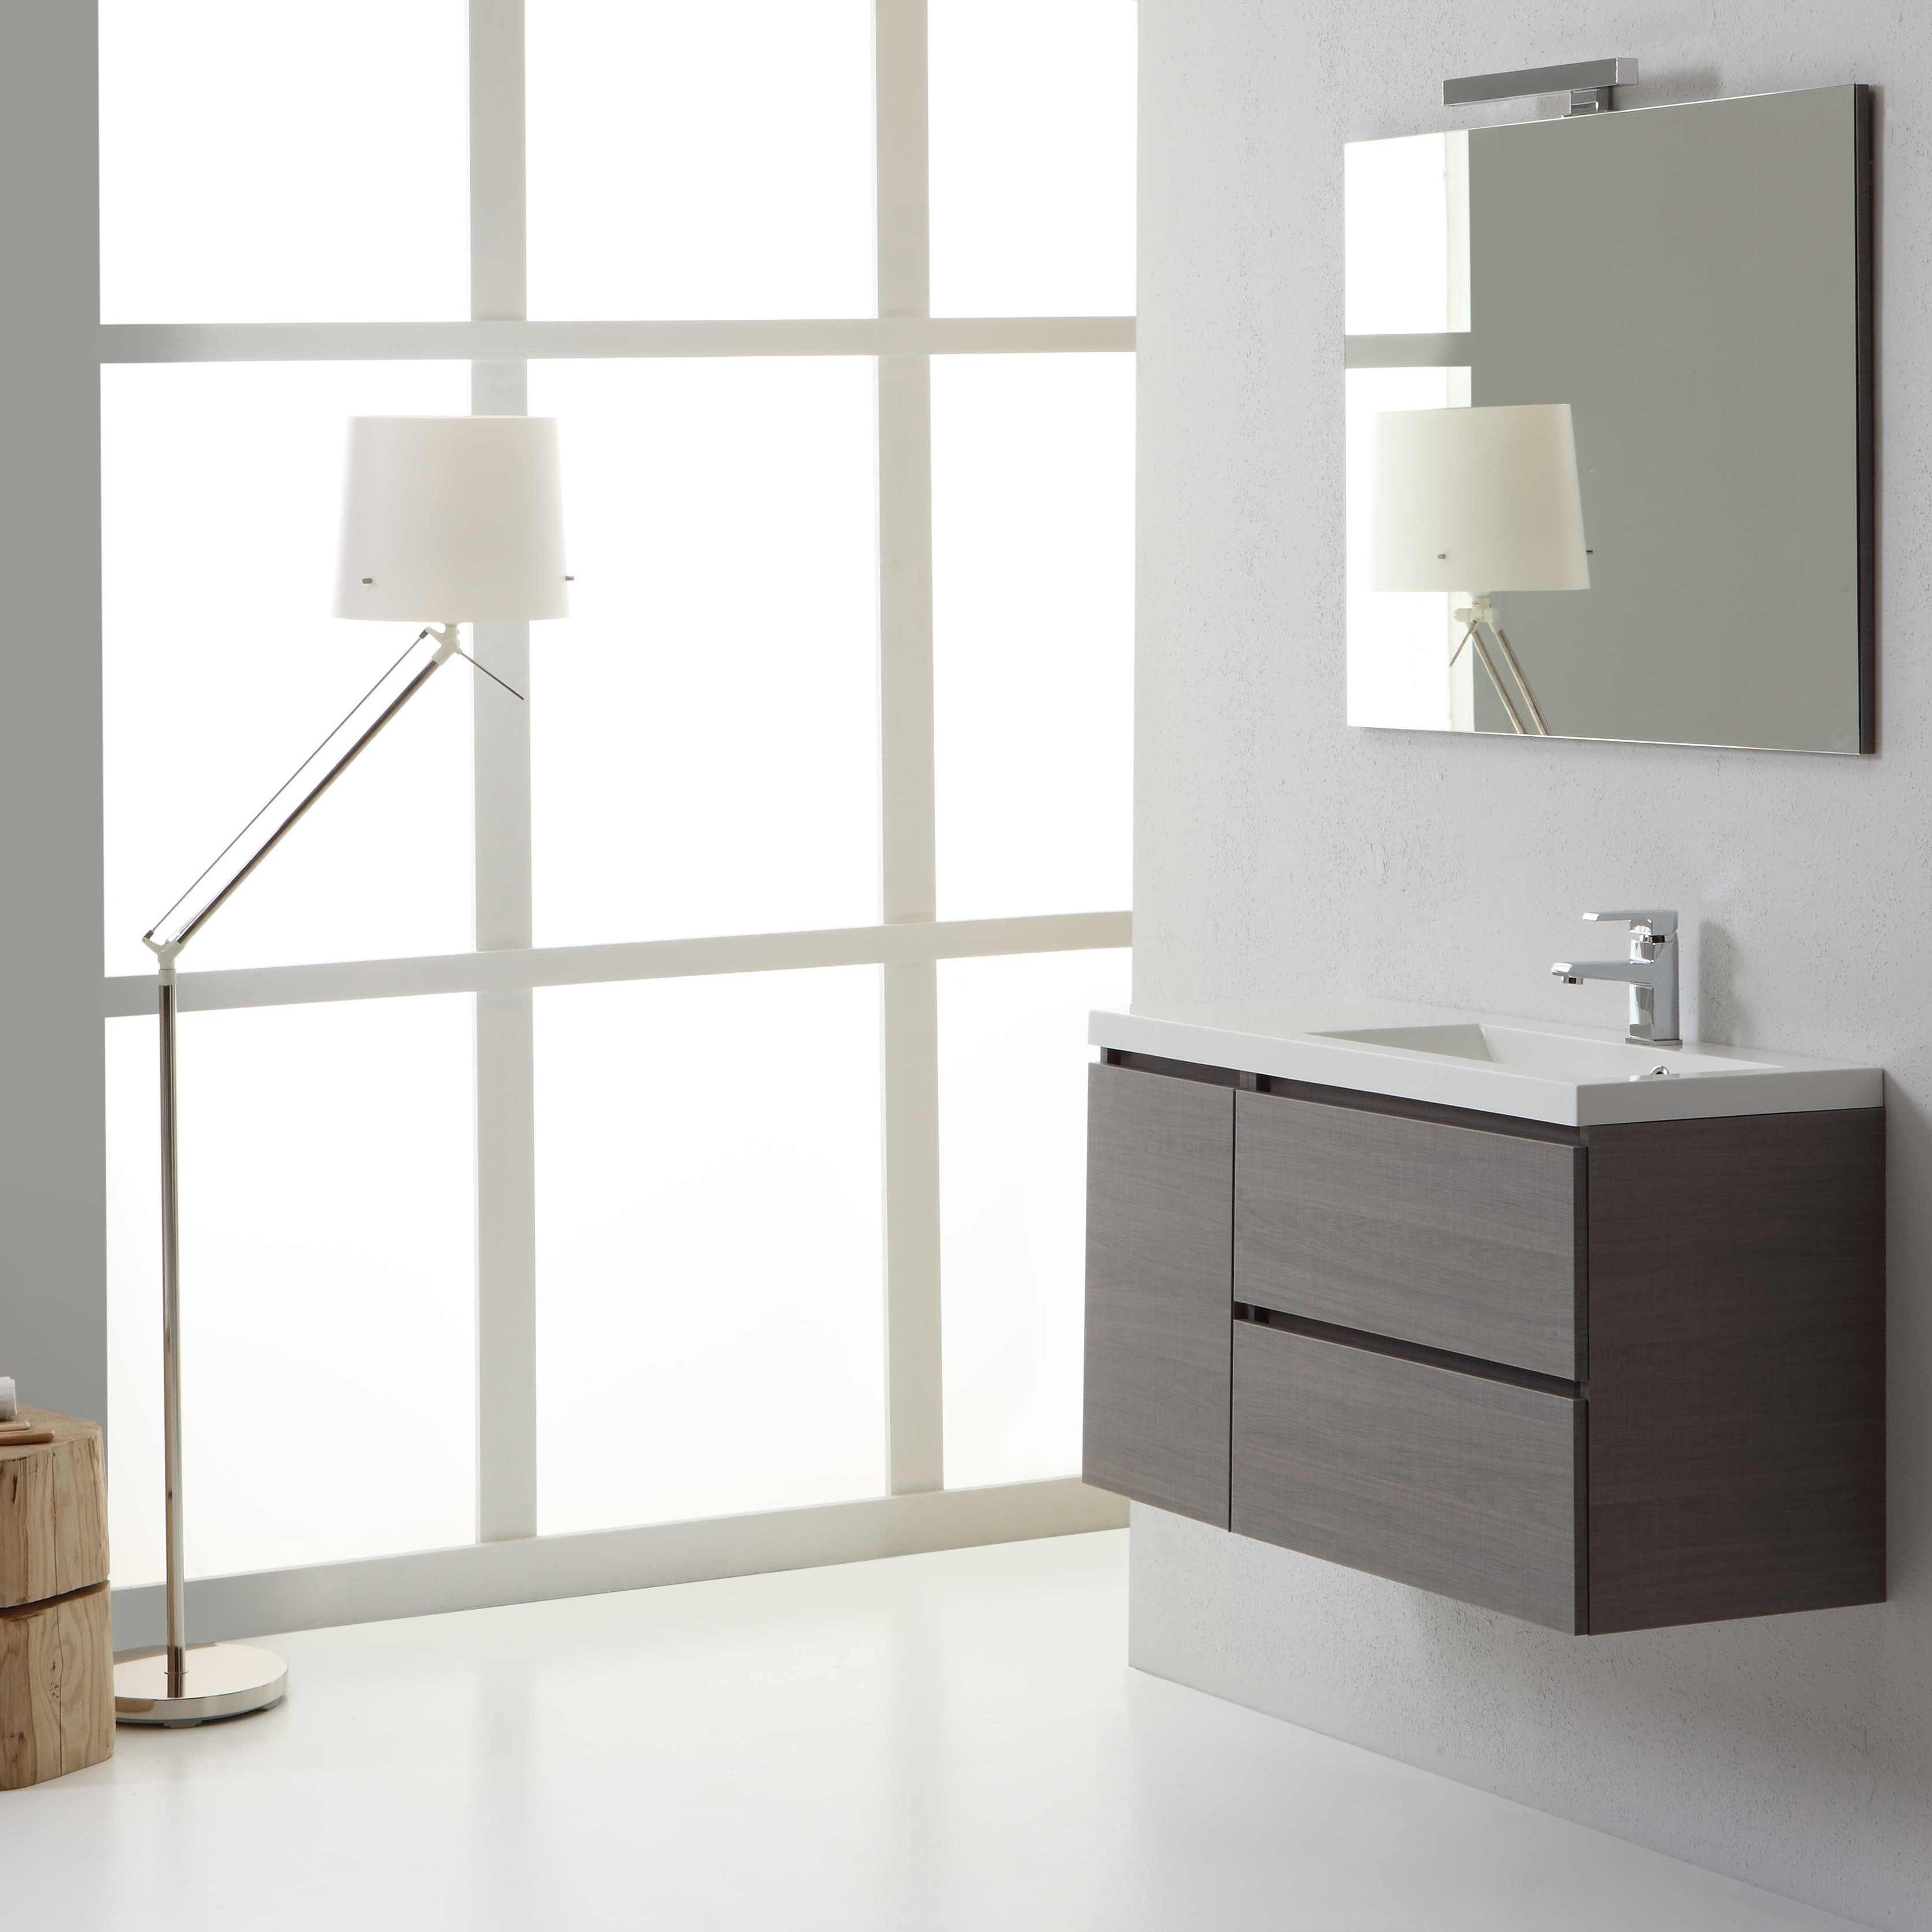 Mobile bagno 90 cm sospeso manhattan lavabo 90 cm destro for Mobile sospeso bagno